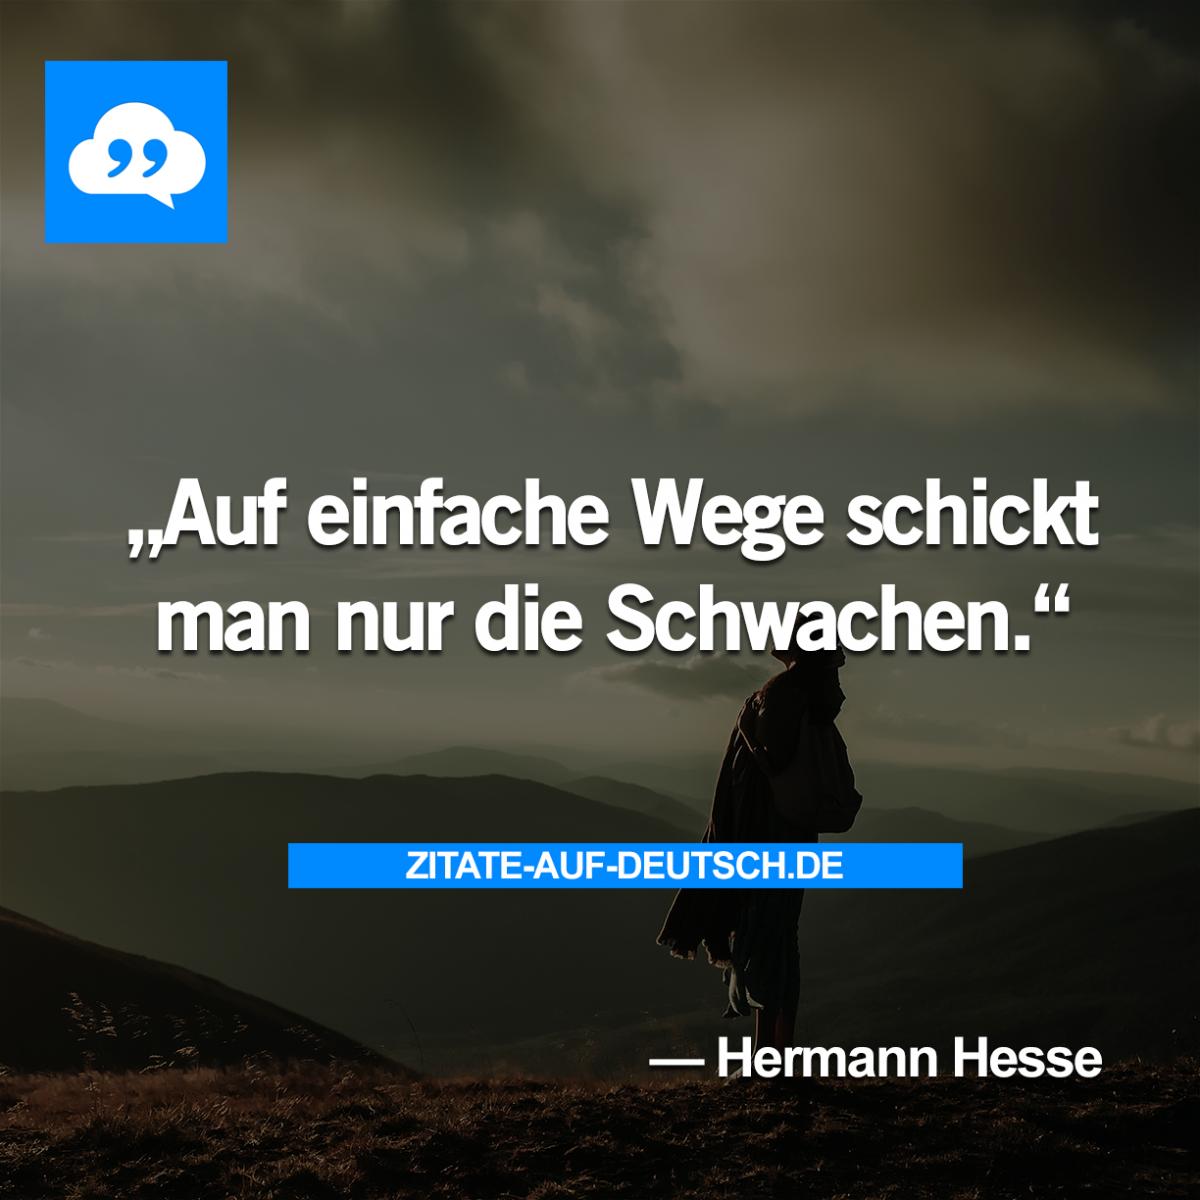 Schwach Spruch Spruche Weg Zitat Zitate Hermannhesse